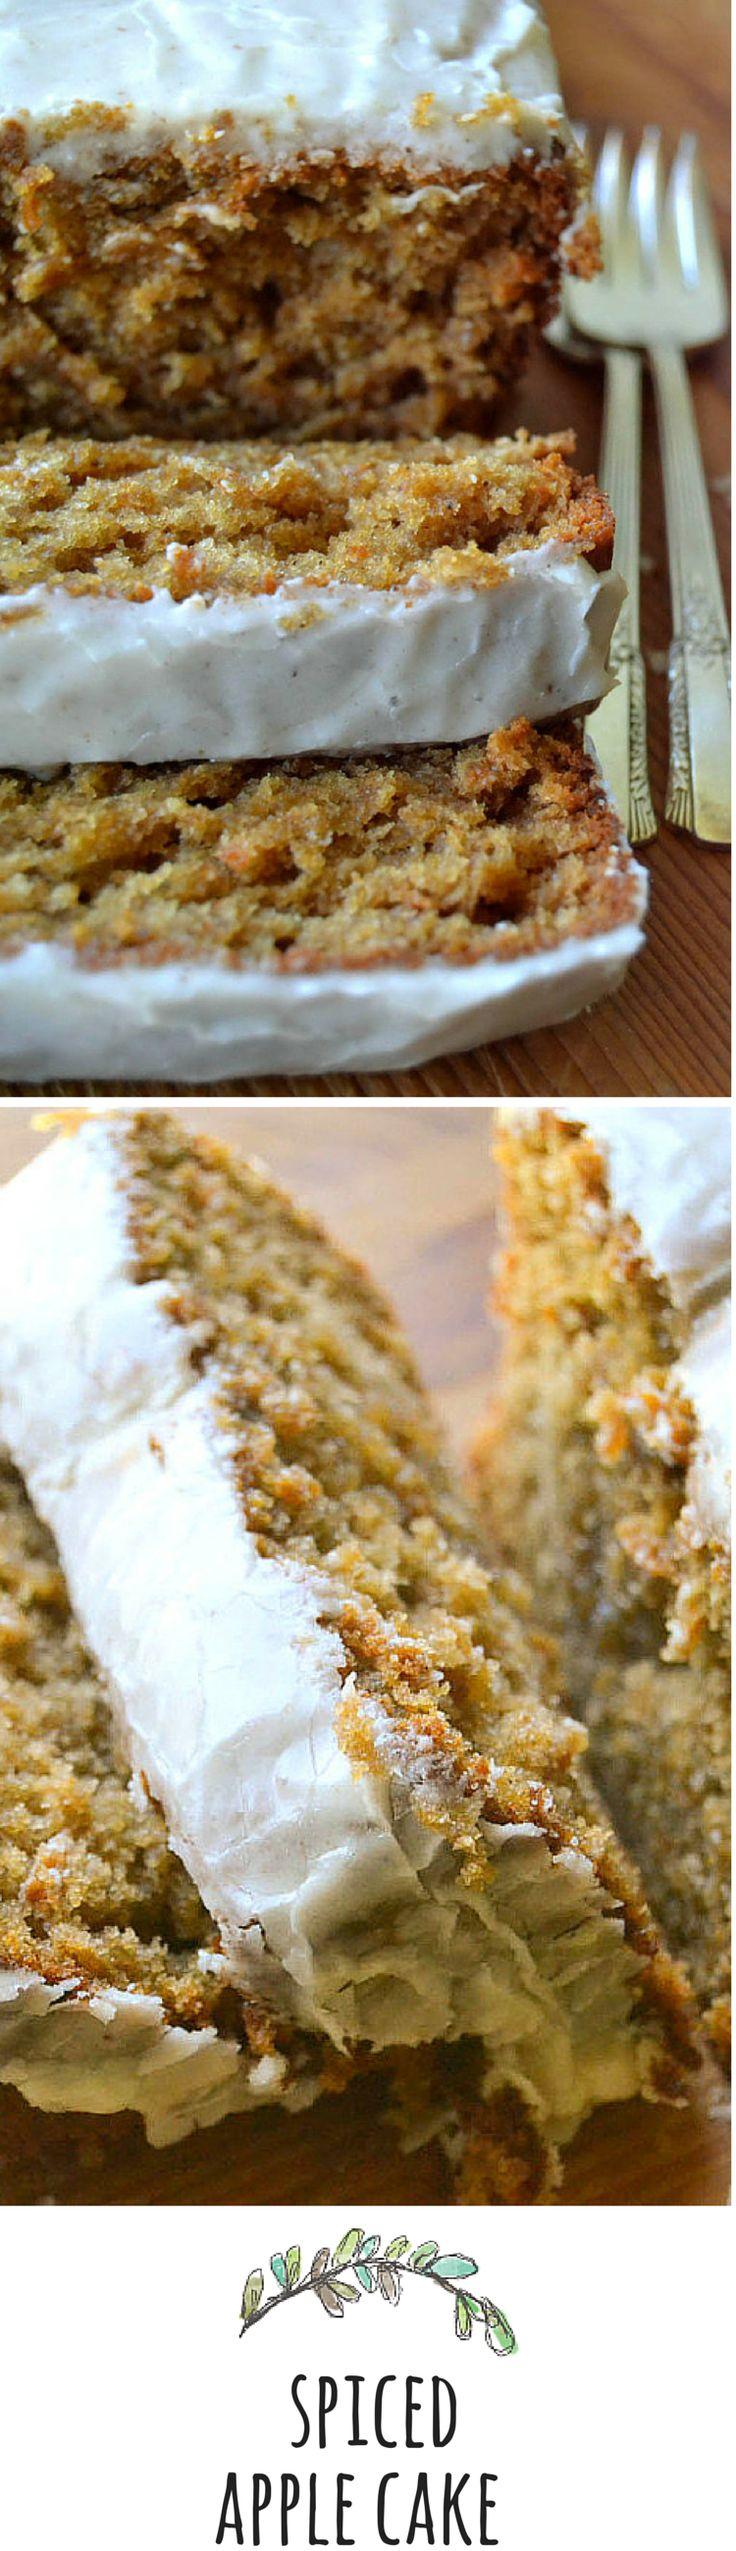 Apple butter in the batter makes the texture of this cake moist and fluffy... #applecake #poundcake #fall #bestapplecake #spicecake #recipe #easycake #bestspicecake